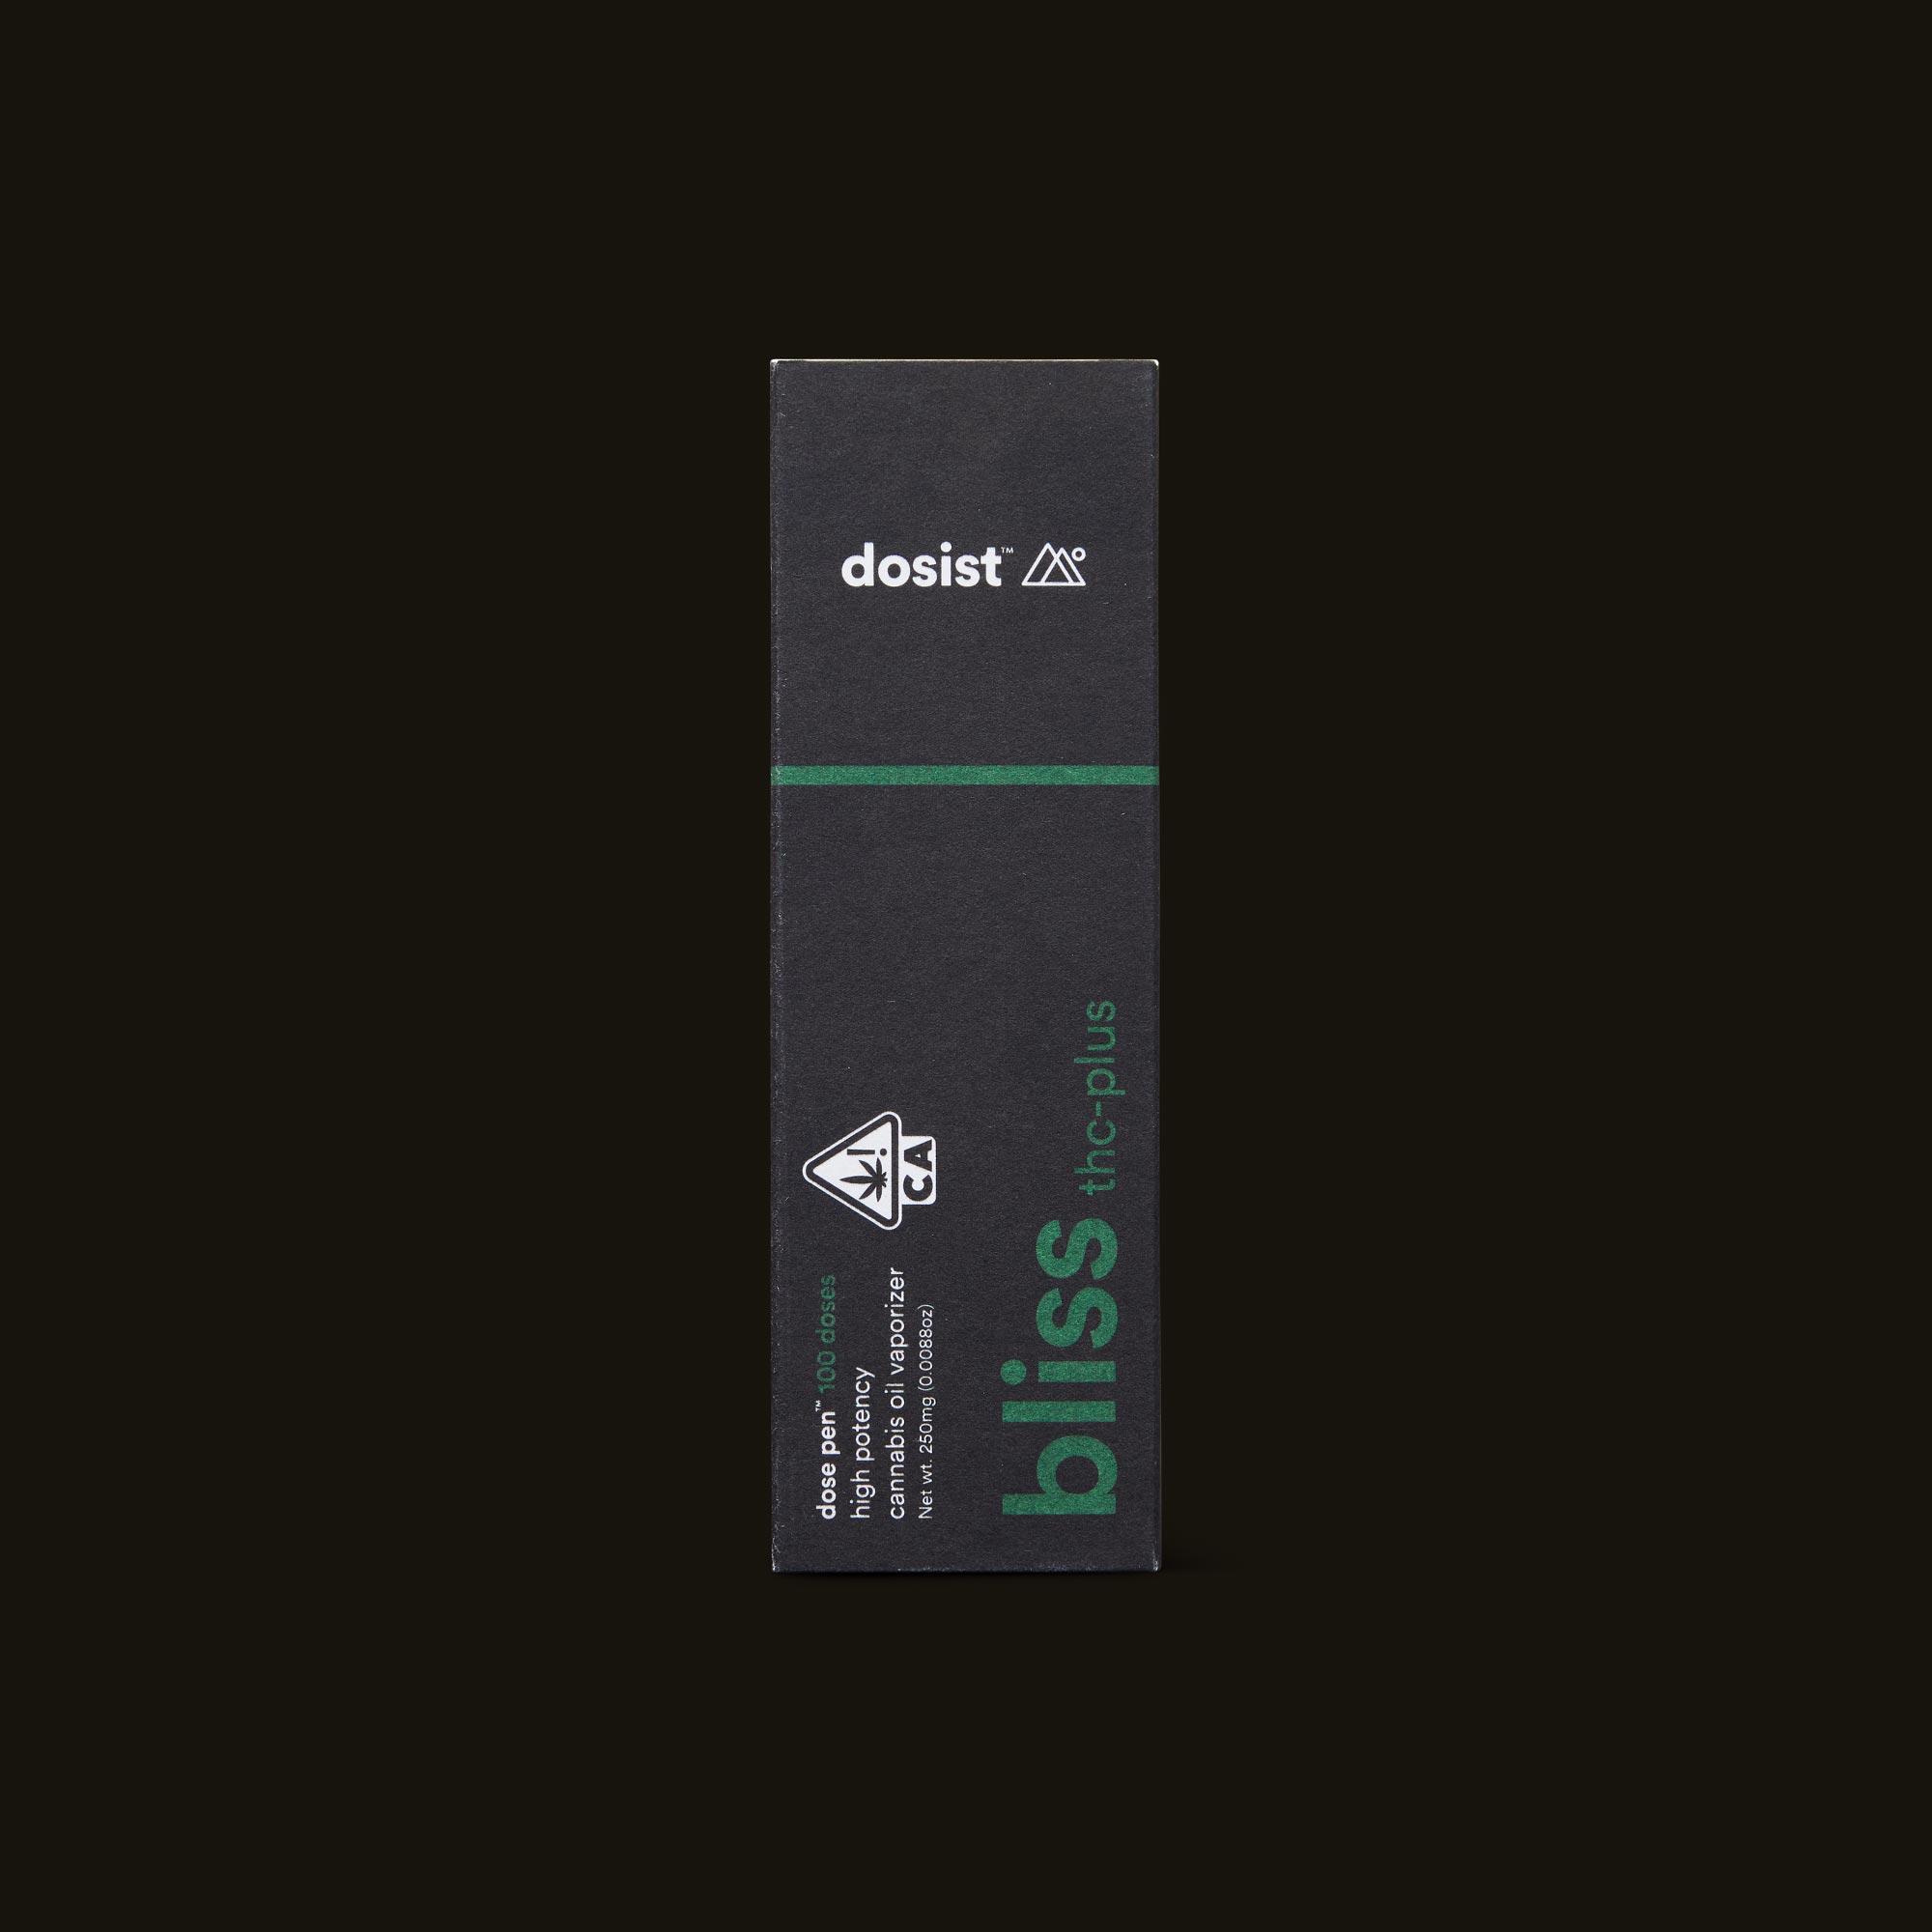 dosist bliss thc-plus dose pen front box